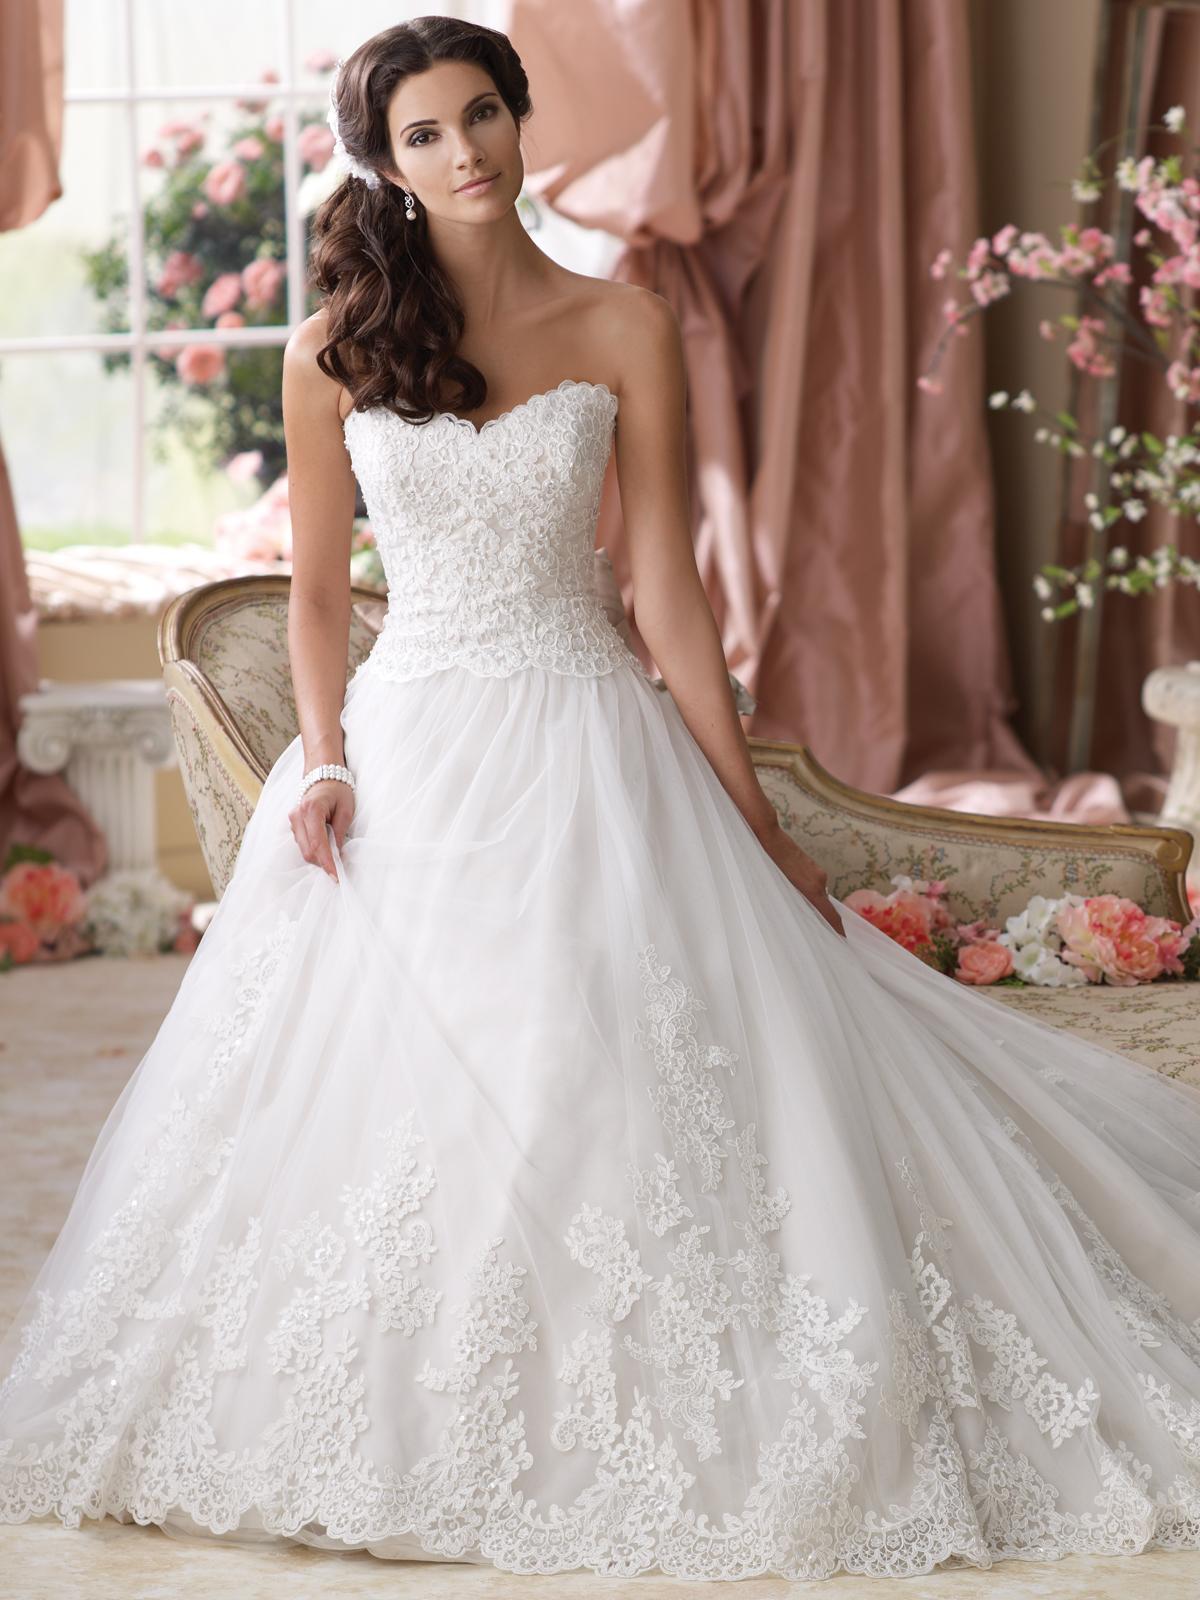 Svadobné šaty, čo sa mi páčia :) - Obrázok č. 73